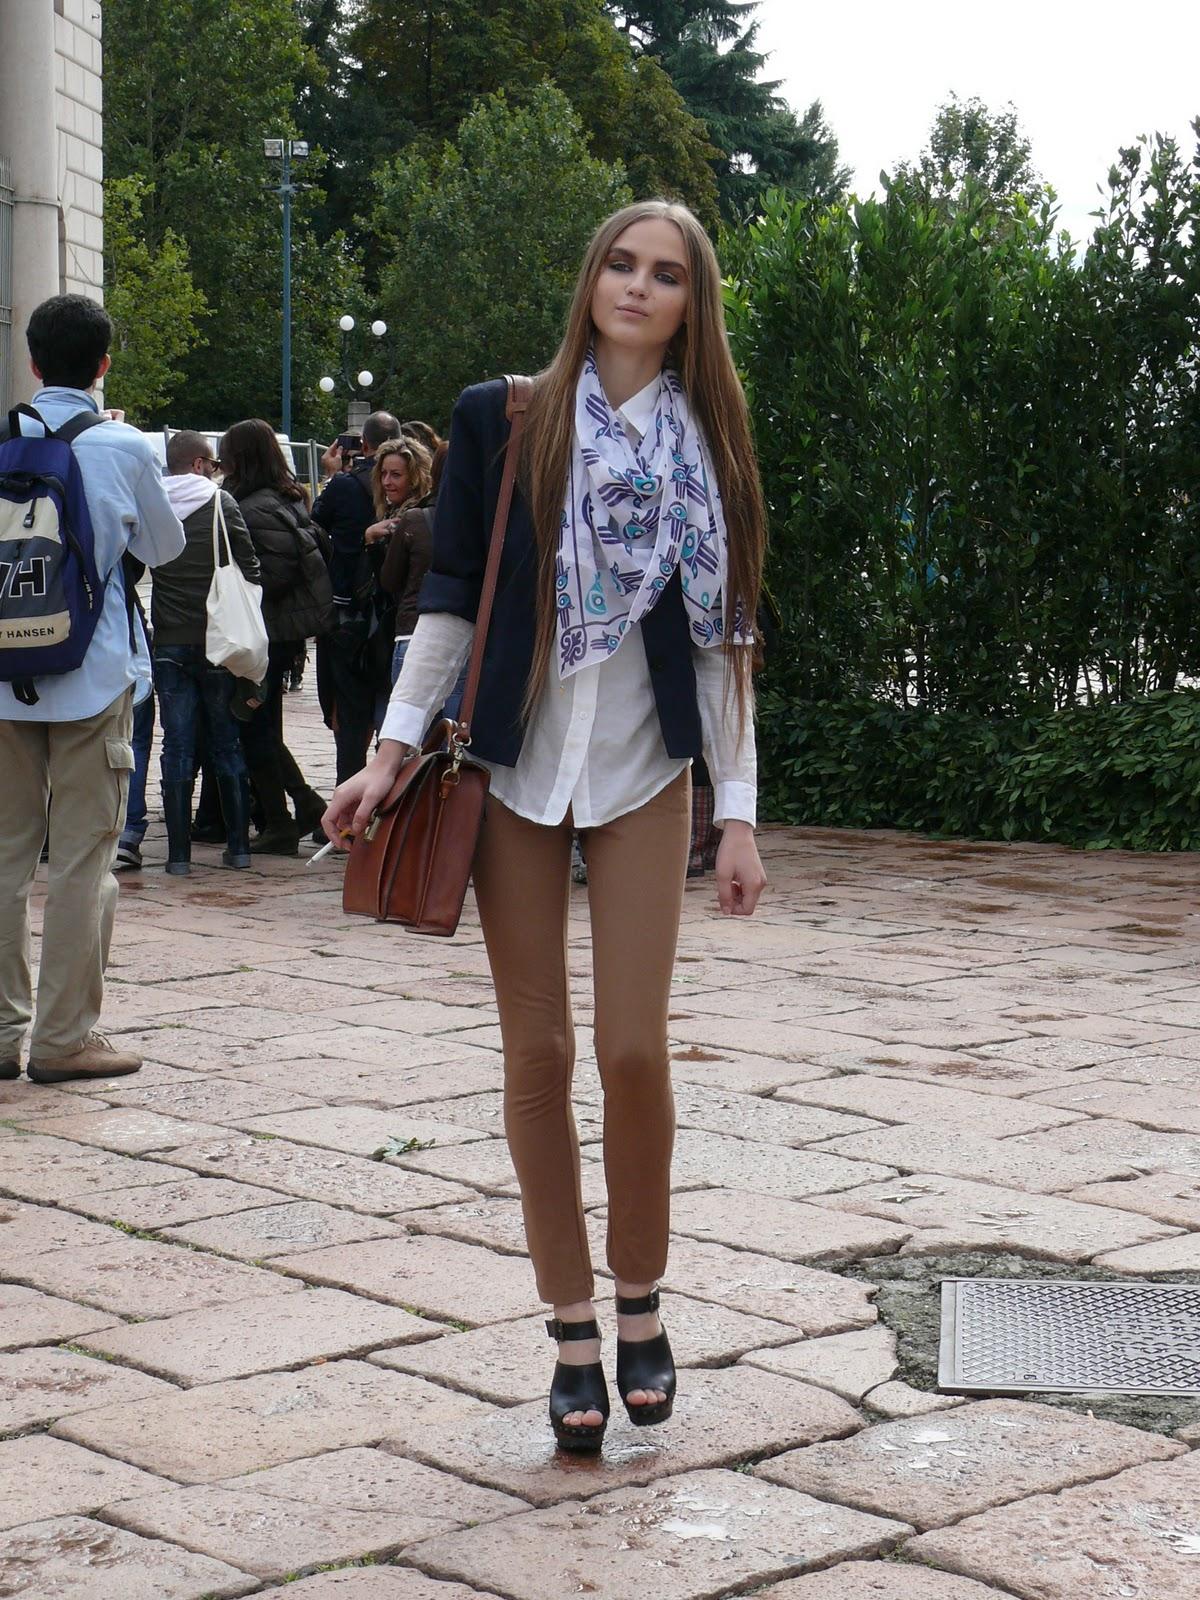 http://1.bp.blogspot.com/-tY7y_glH3Go/TWYcSF8UUHI/AAAAAAAAAD8/2UBIIdvXezU/s1600/P1060127.JPG